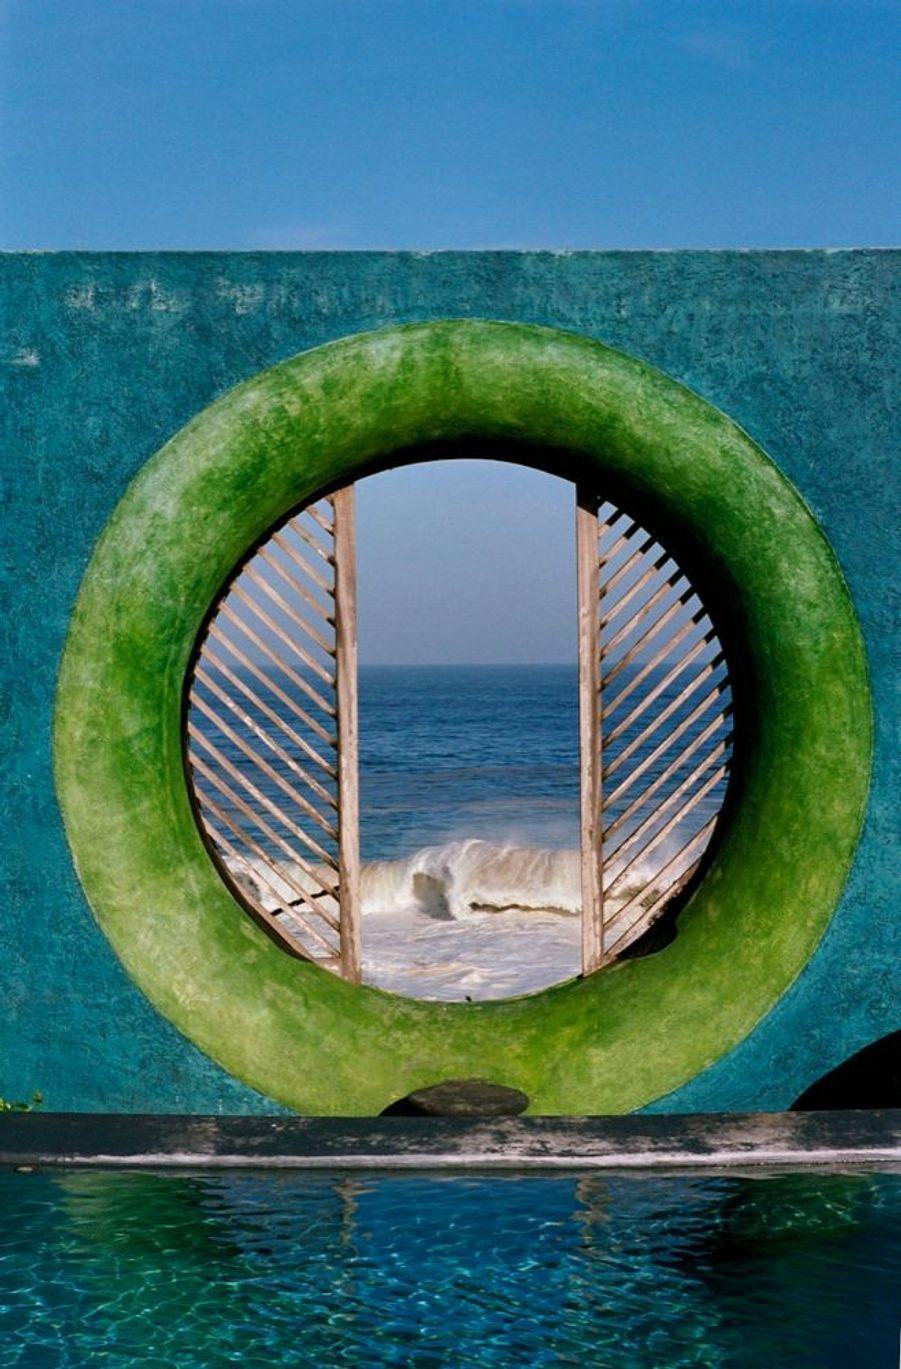 L'Œil de daim, face à l'océan, en référence aux graines marines qui portent le même nom.